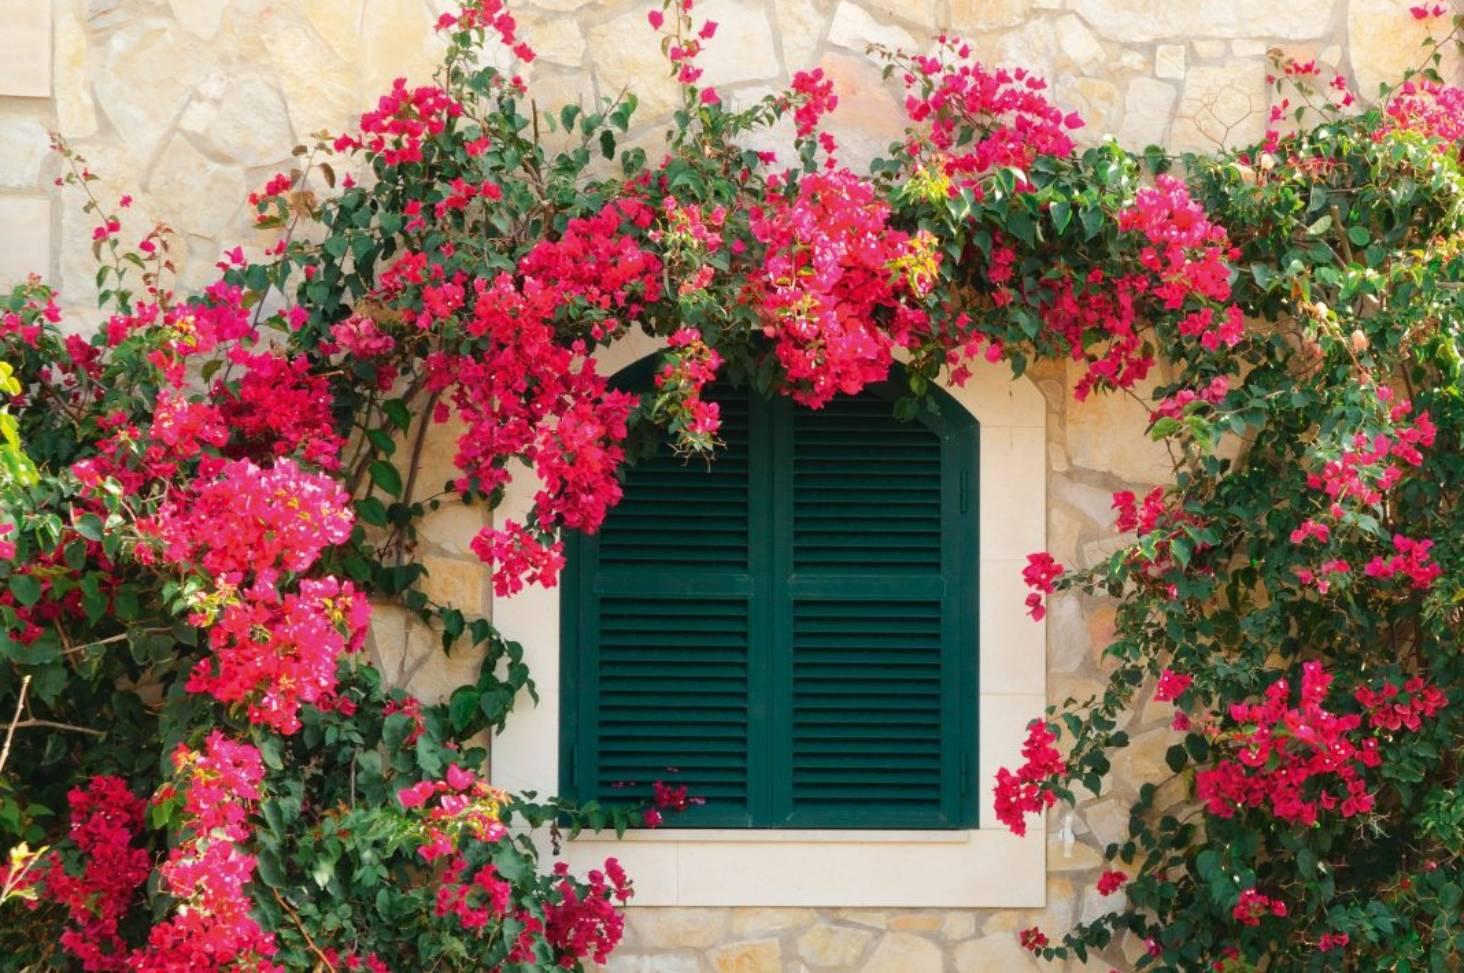 7 Cara Menanam Bunga Kertas Di Rumah Hingga Tumbuh Indah